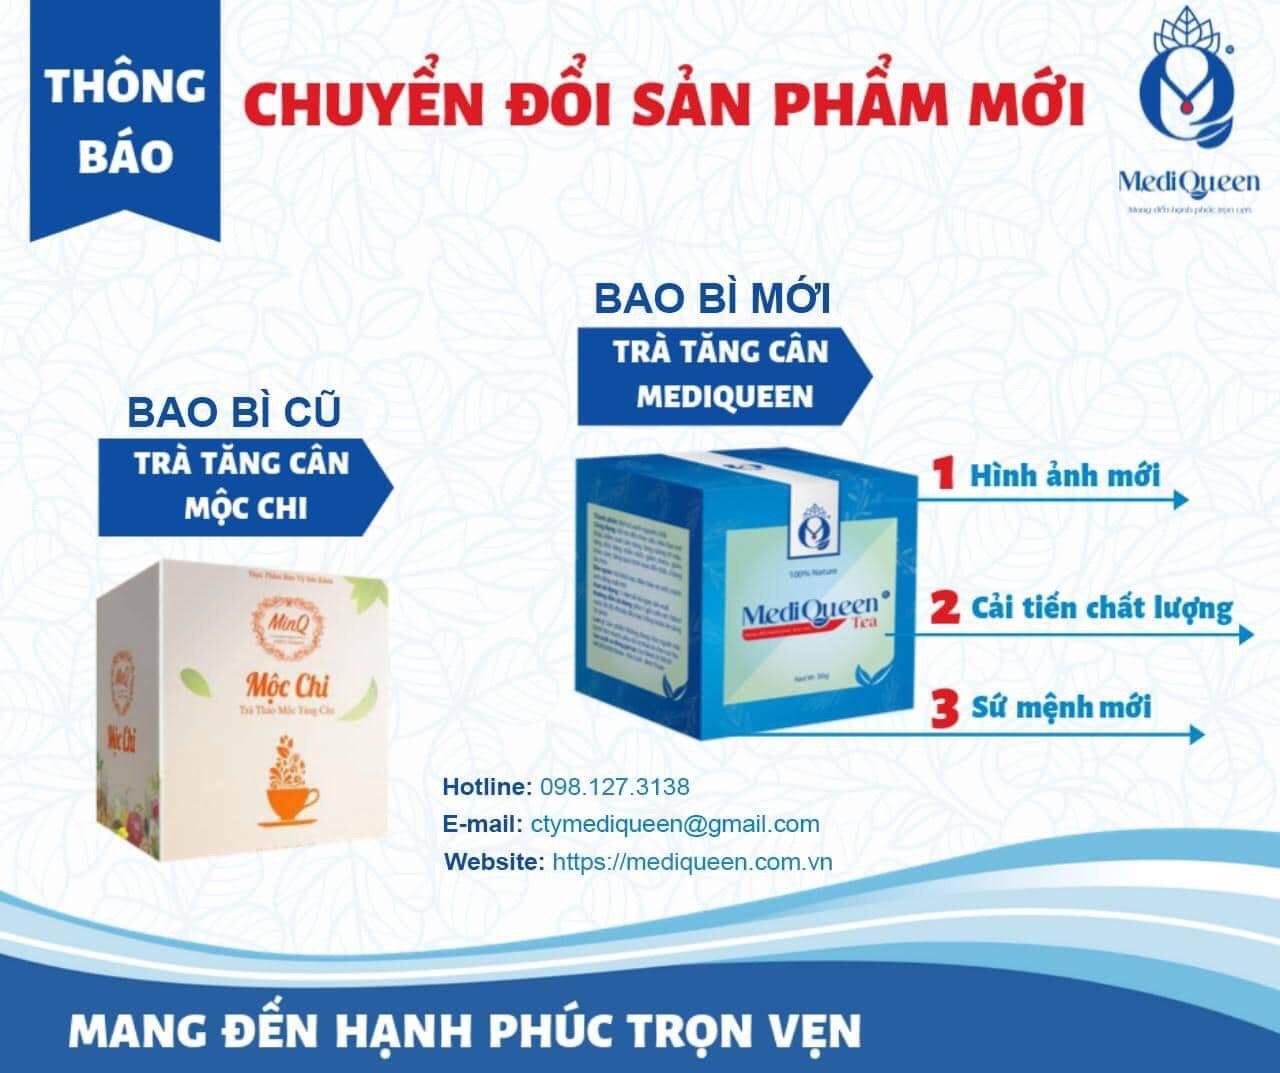 Thông báo thay đổi bao bì sản phẩm Trà Mộc Chi